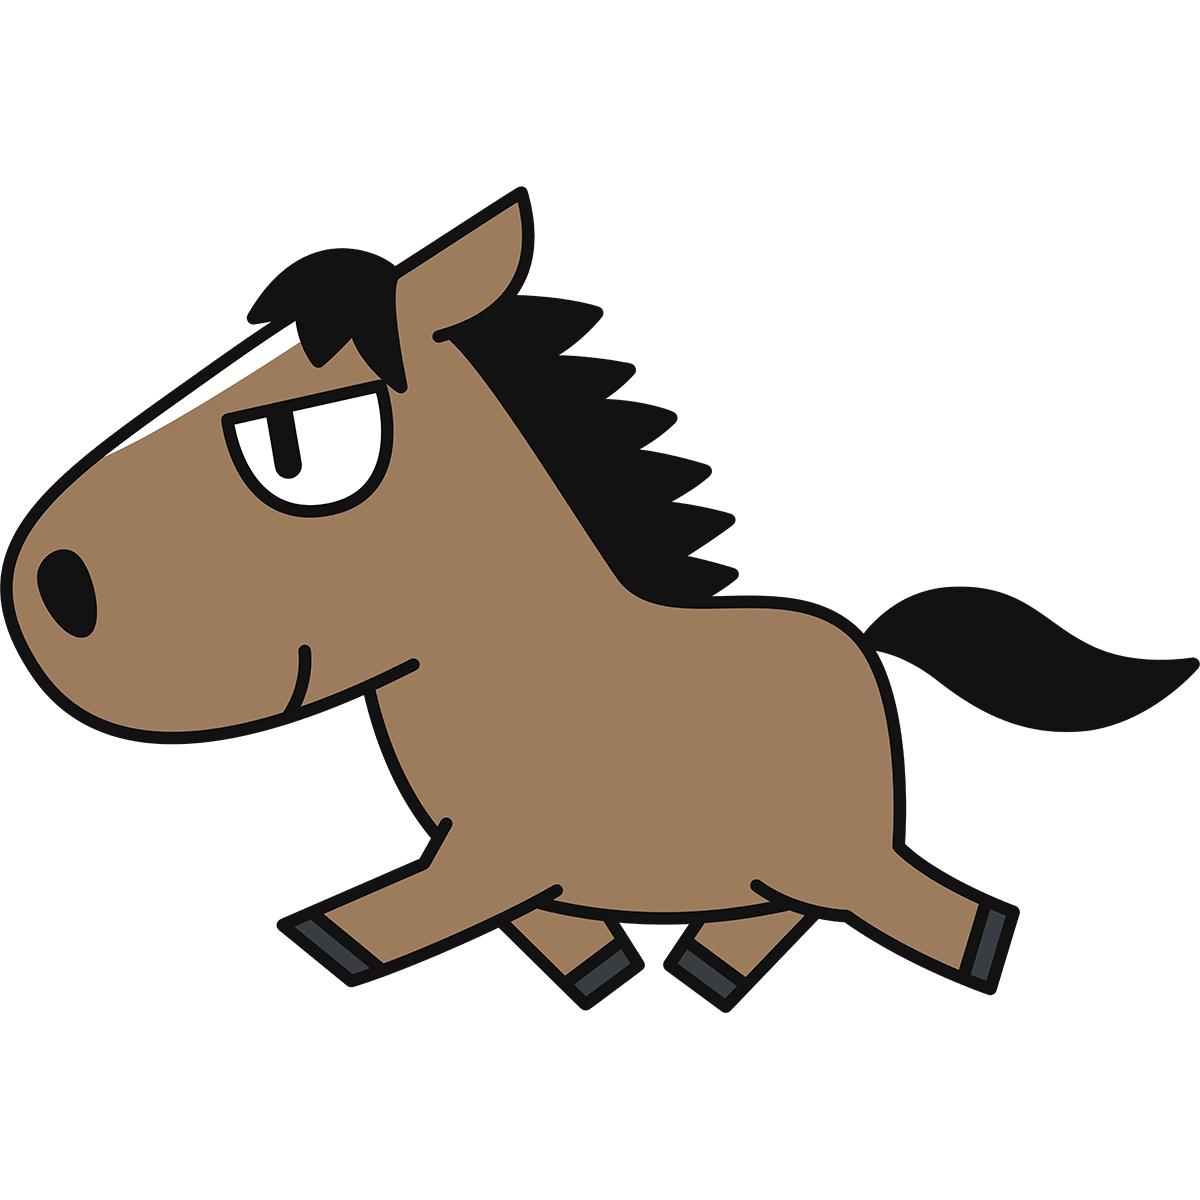 走る馬の無料イラスト